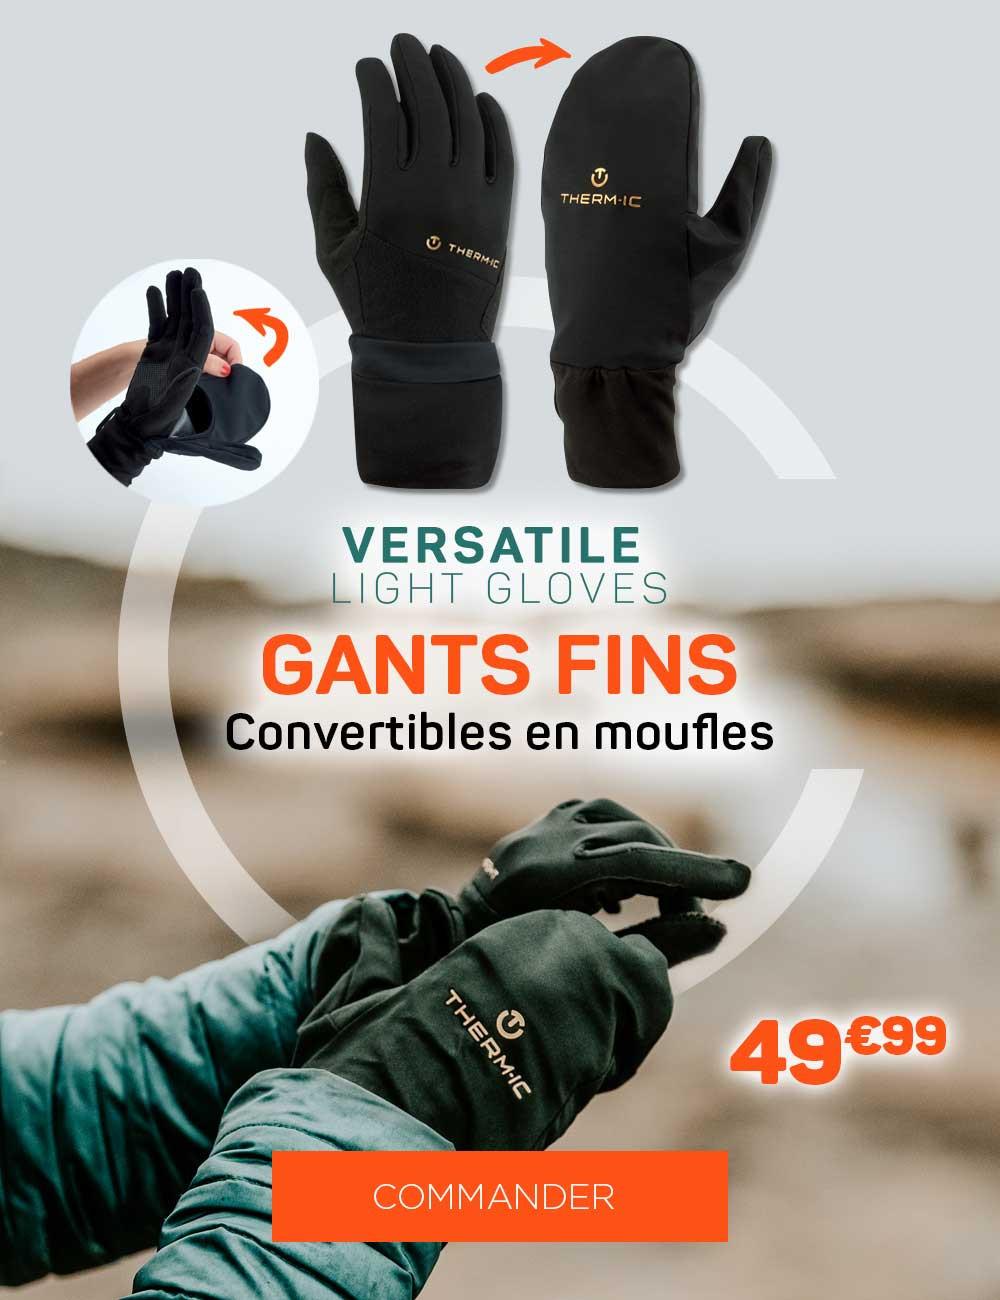 Découvrez les gants légers, fins et convertibles en moufles